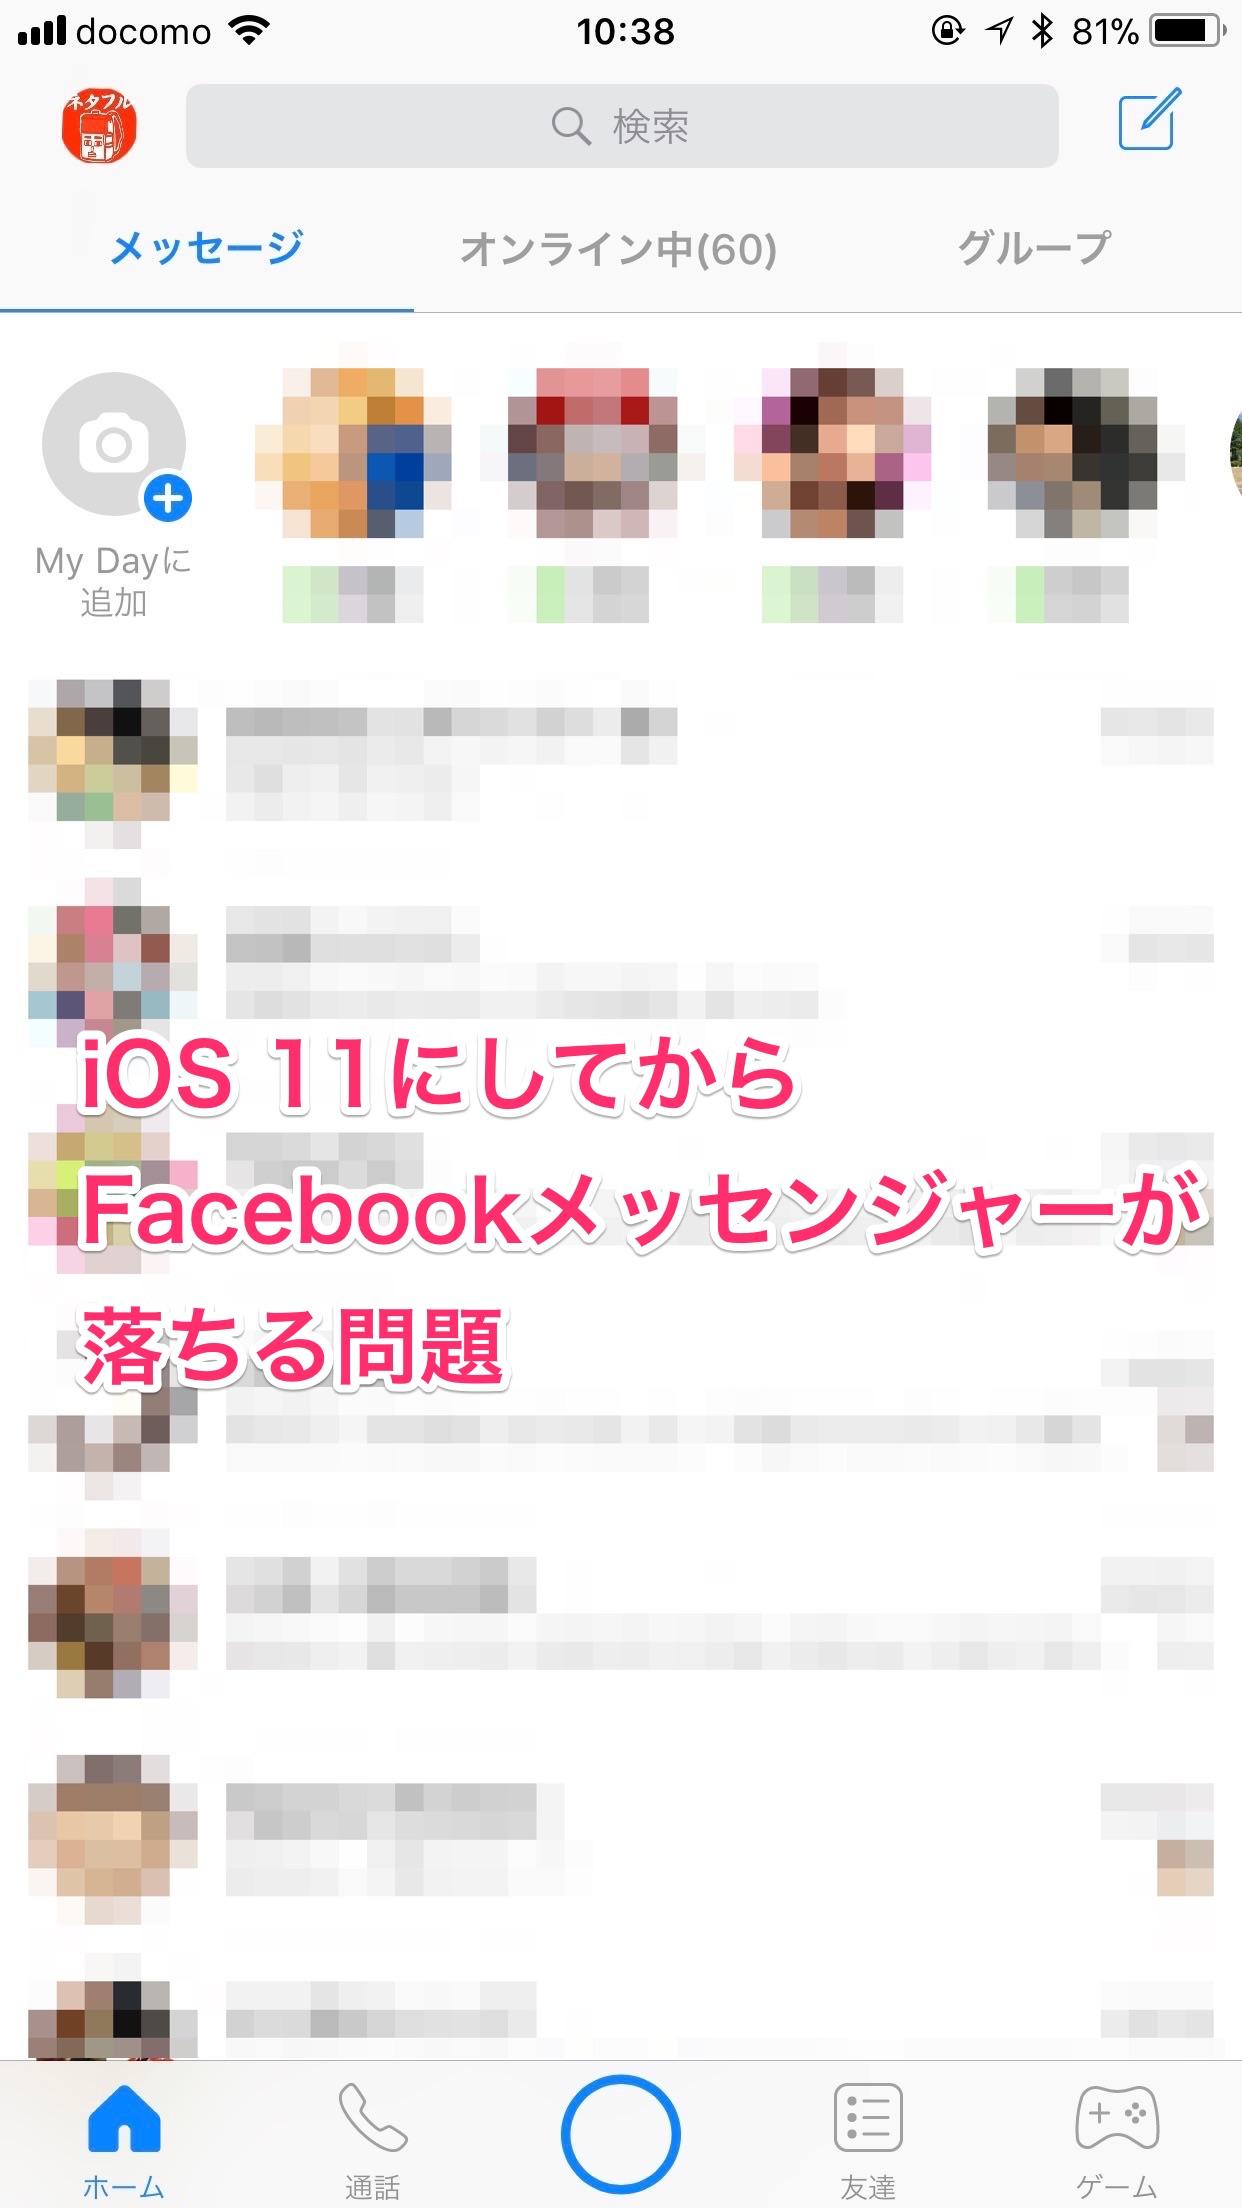 【iOS 11】Facebookメッセンジャーが落ちるようになったら再インストール